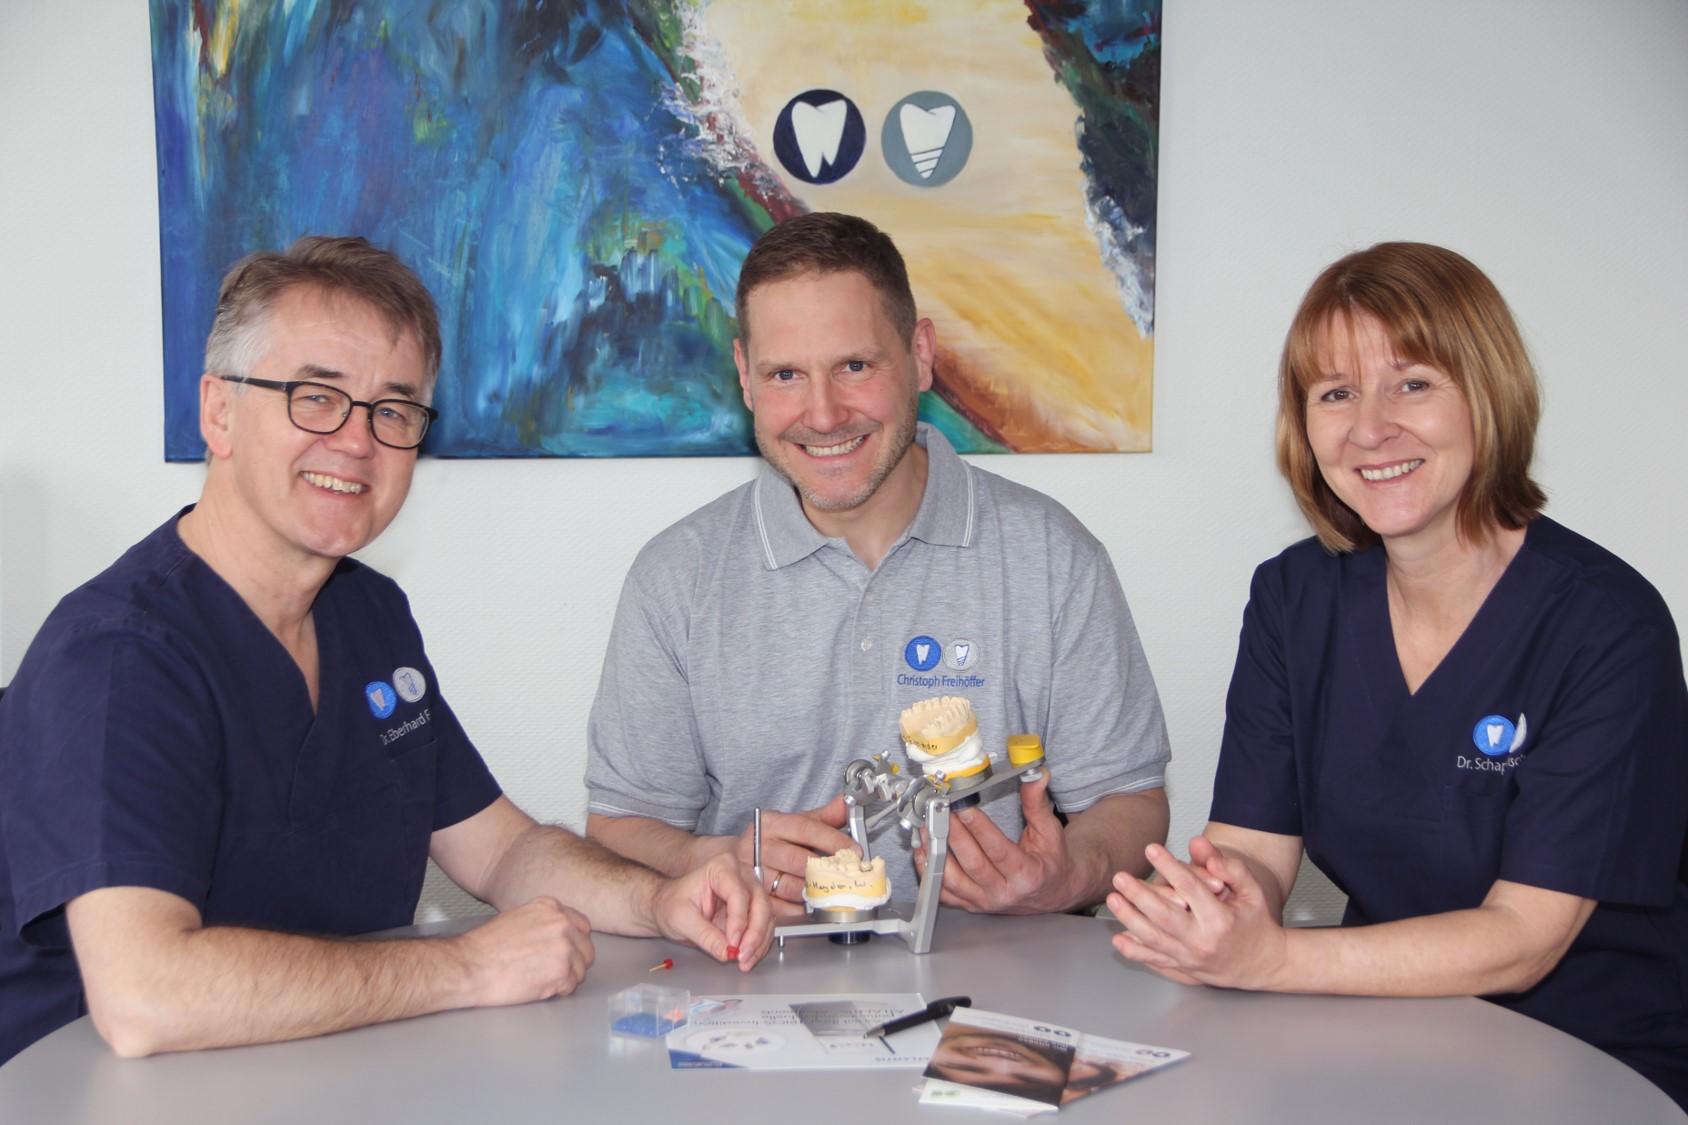 Zahnersatz für Implantate